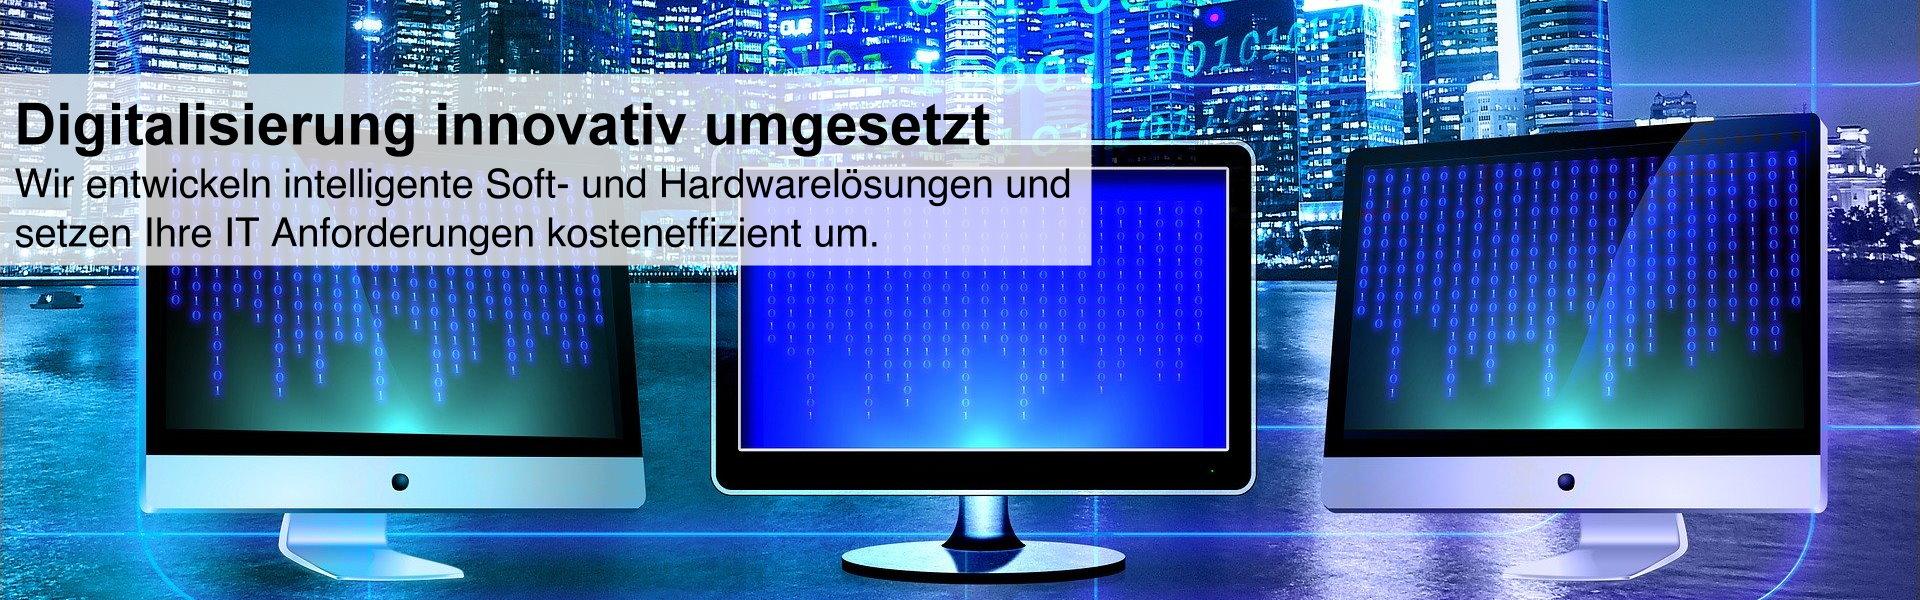 ISI_Enterprise_Innovation_und_Digitalisierung_600_2